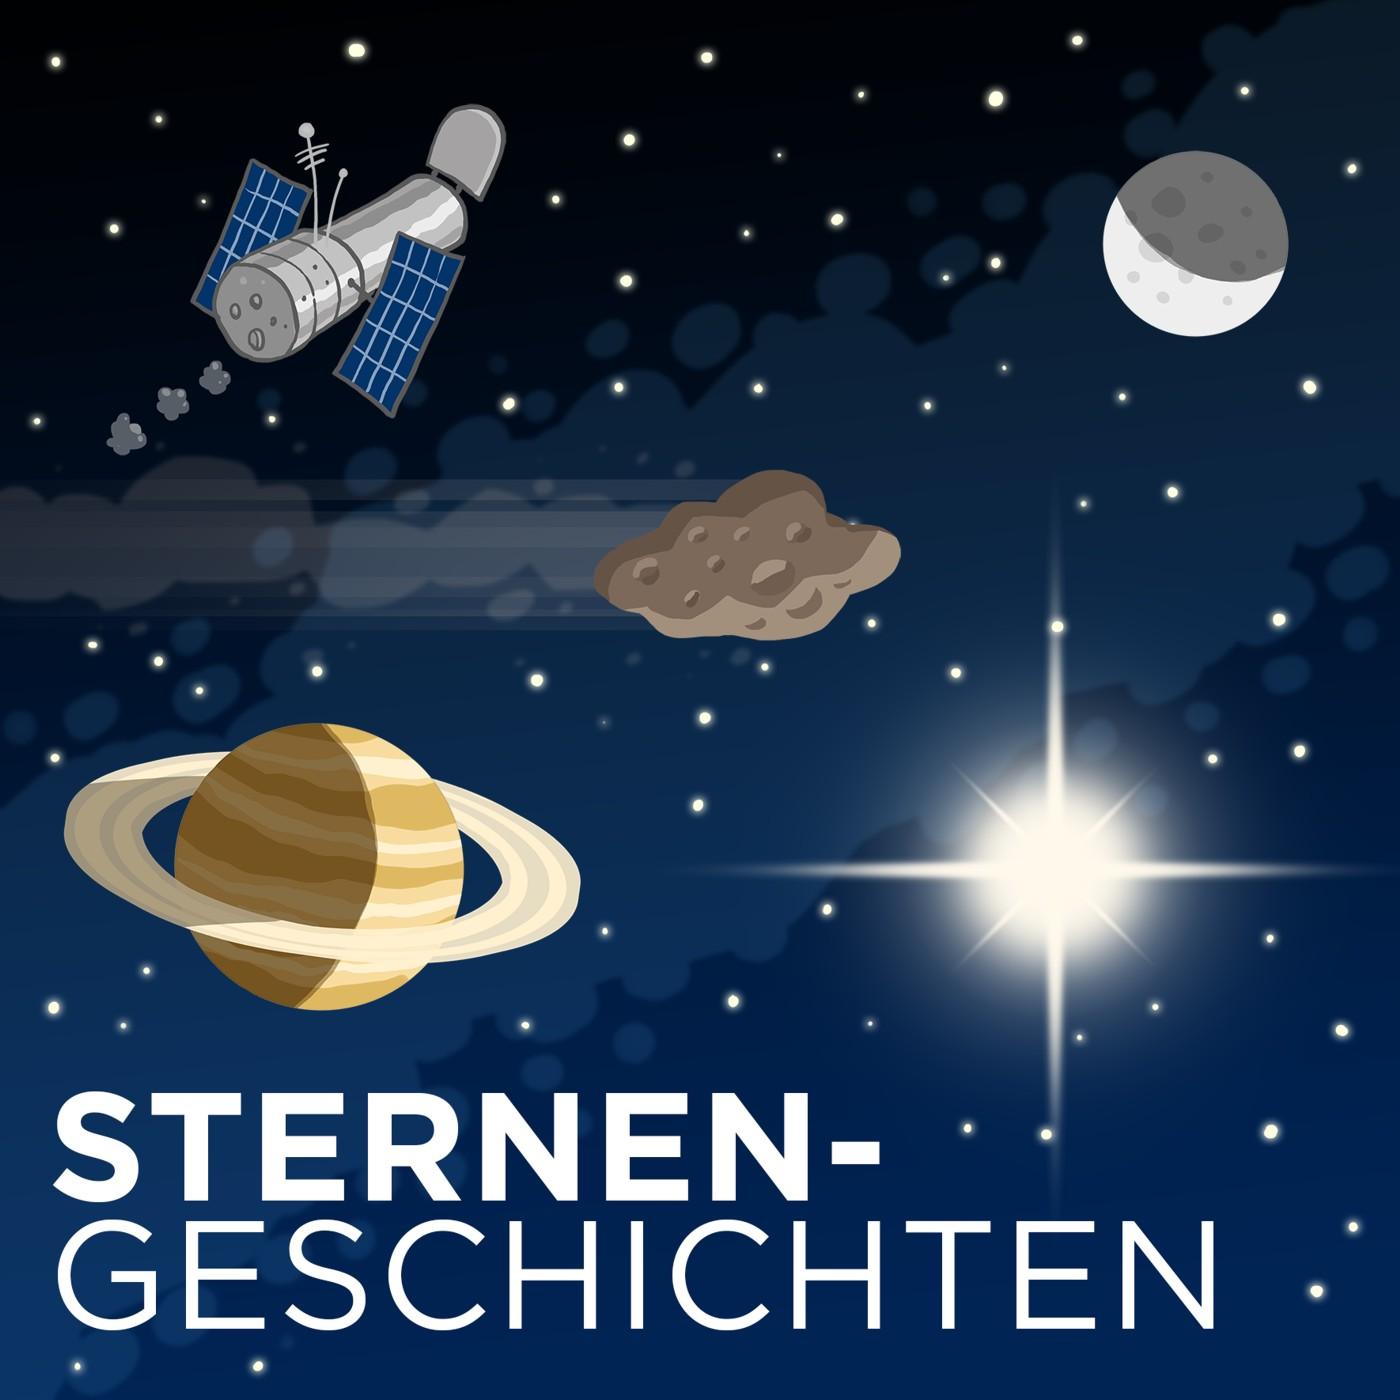 Sternengeschichten Folge 415: Die Nacht in der der Mond verschwand